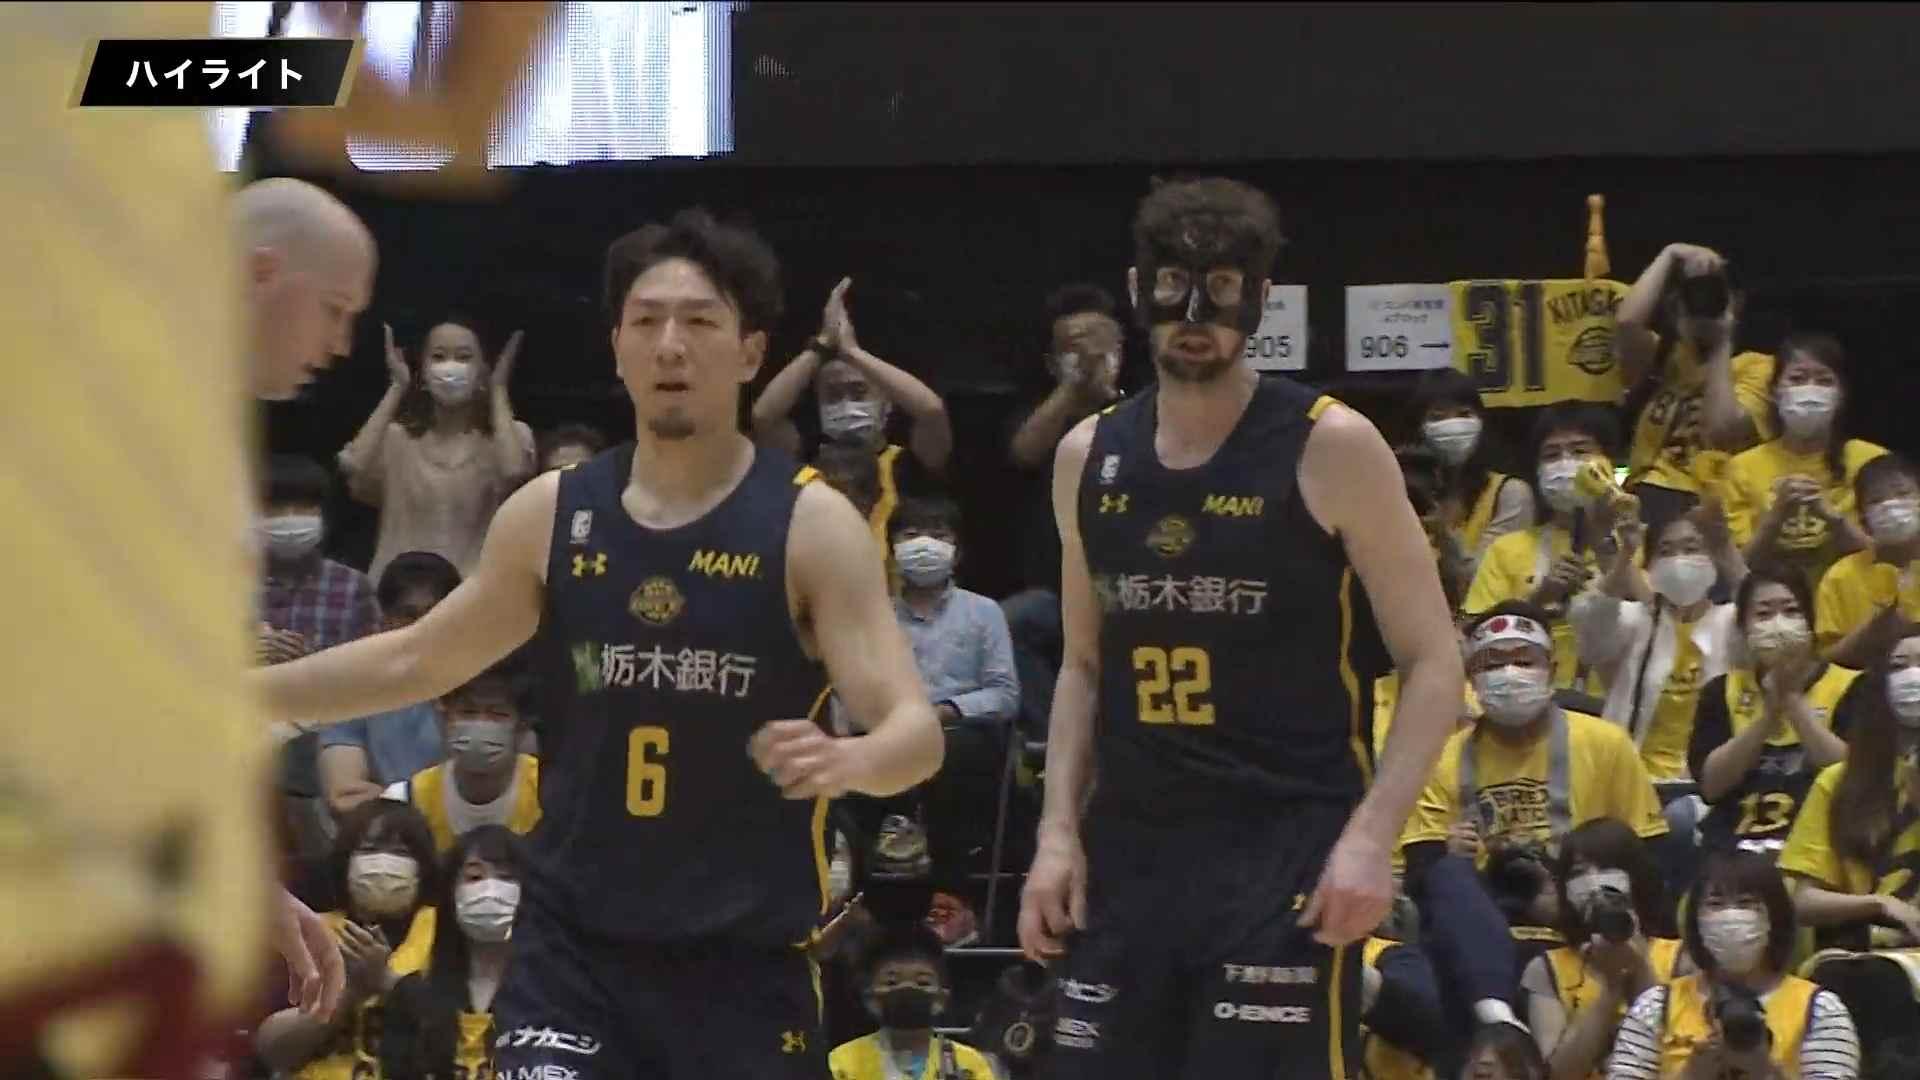 【ハイライト】【B1CS SF】05/21 宇都宮 vs 川崎 GAME1 (20-21 ポストシーズン)